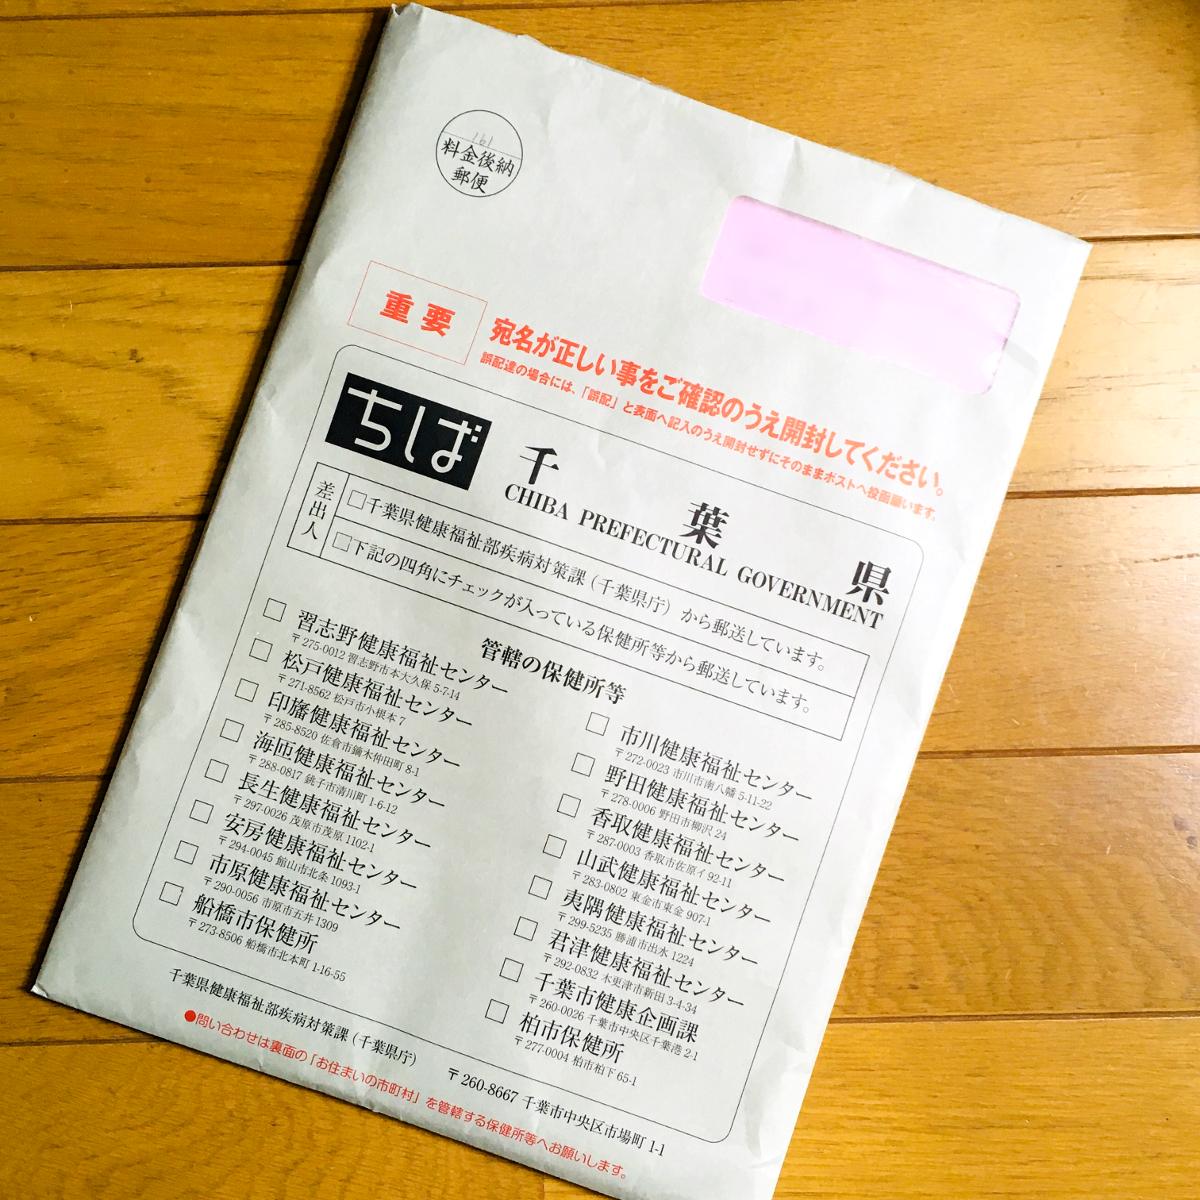 自宅に届いた「特定医療費(指定難病)」の受給者証の入った郵便物